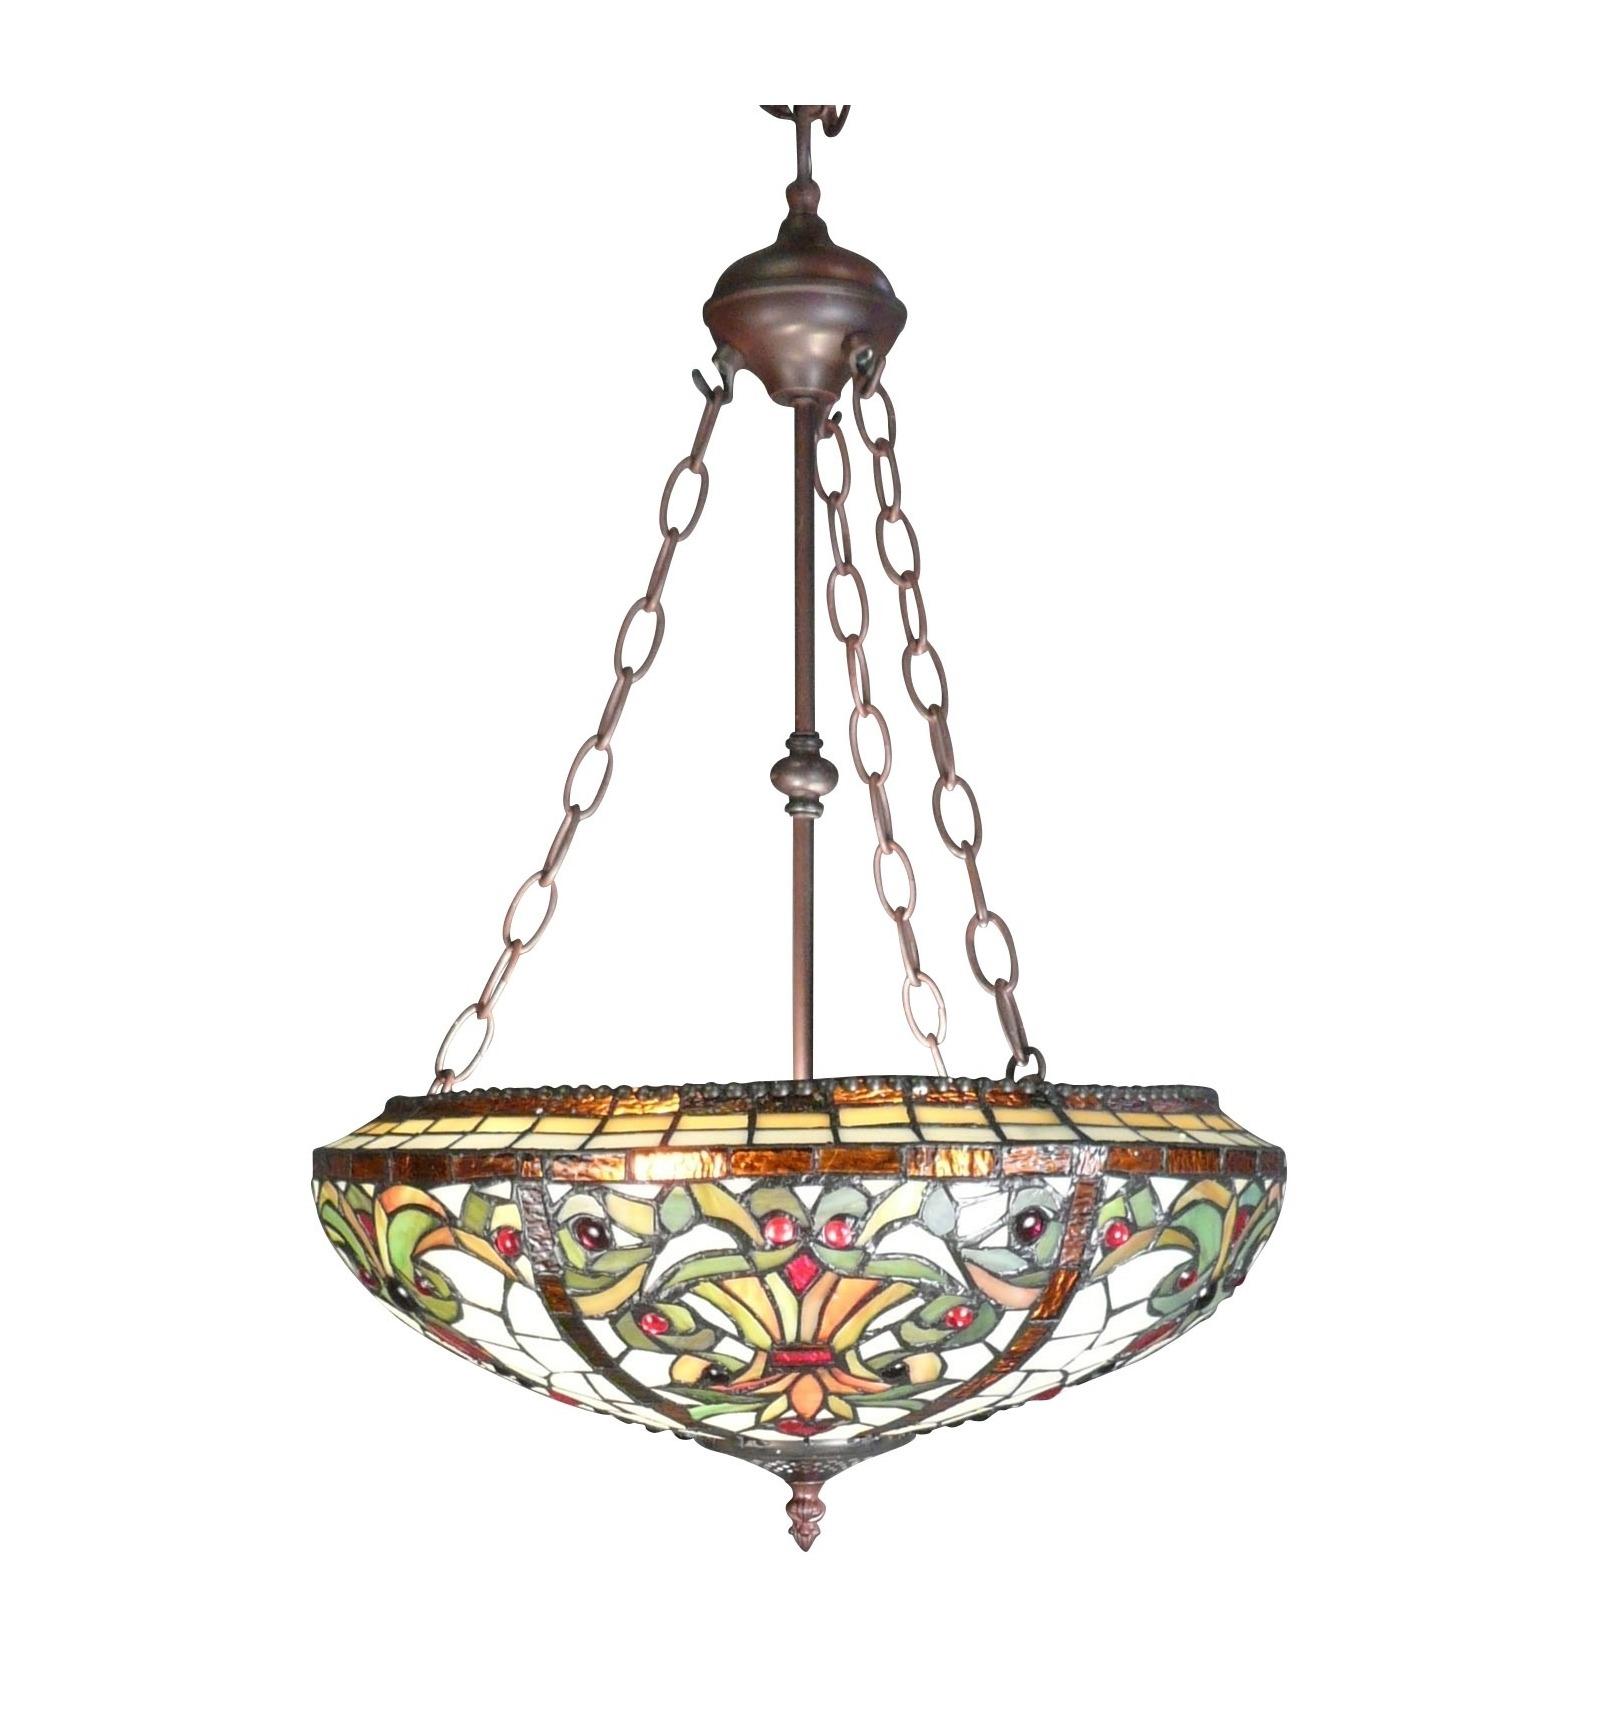 lampadari indiani : Lampada Tiffany - serie Indiana - lampadario e lampada da terra